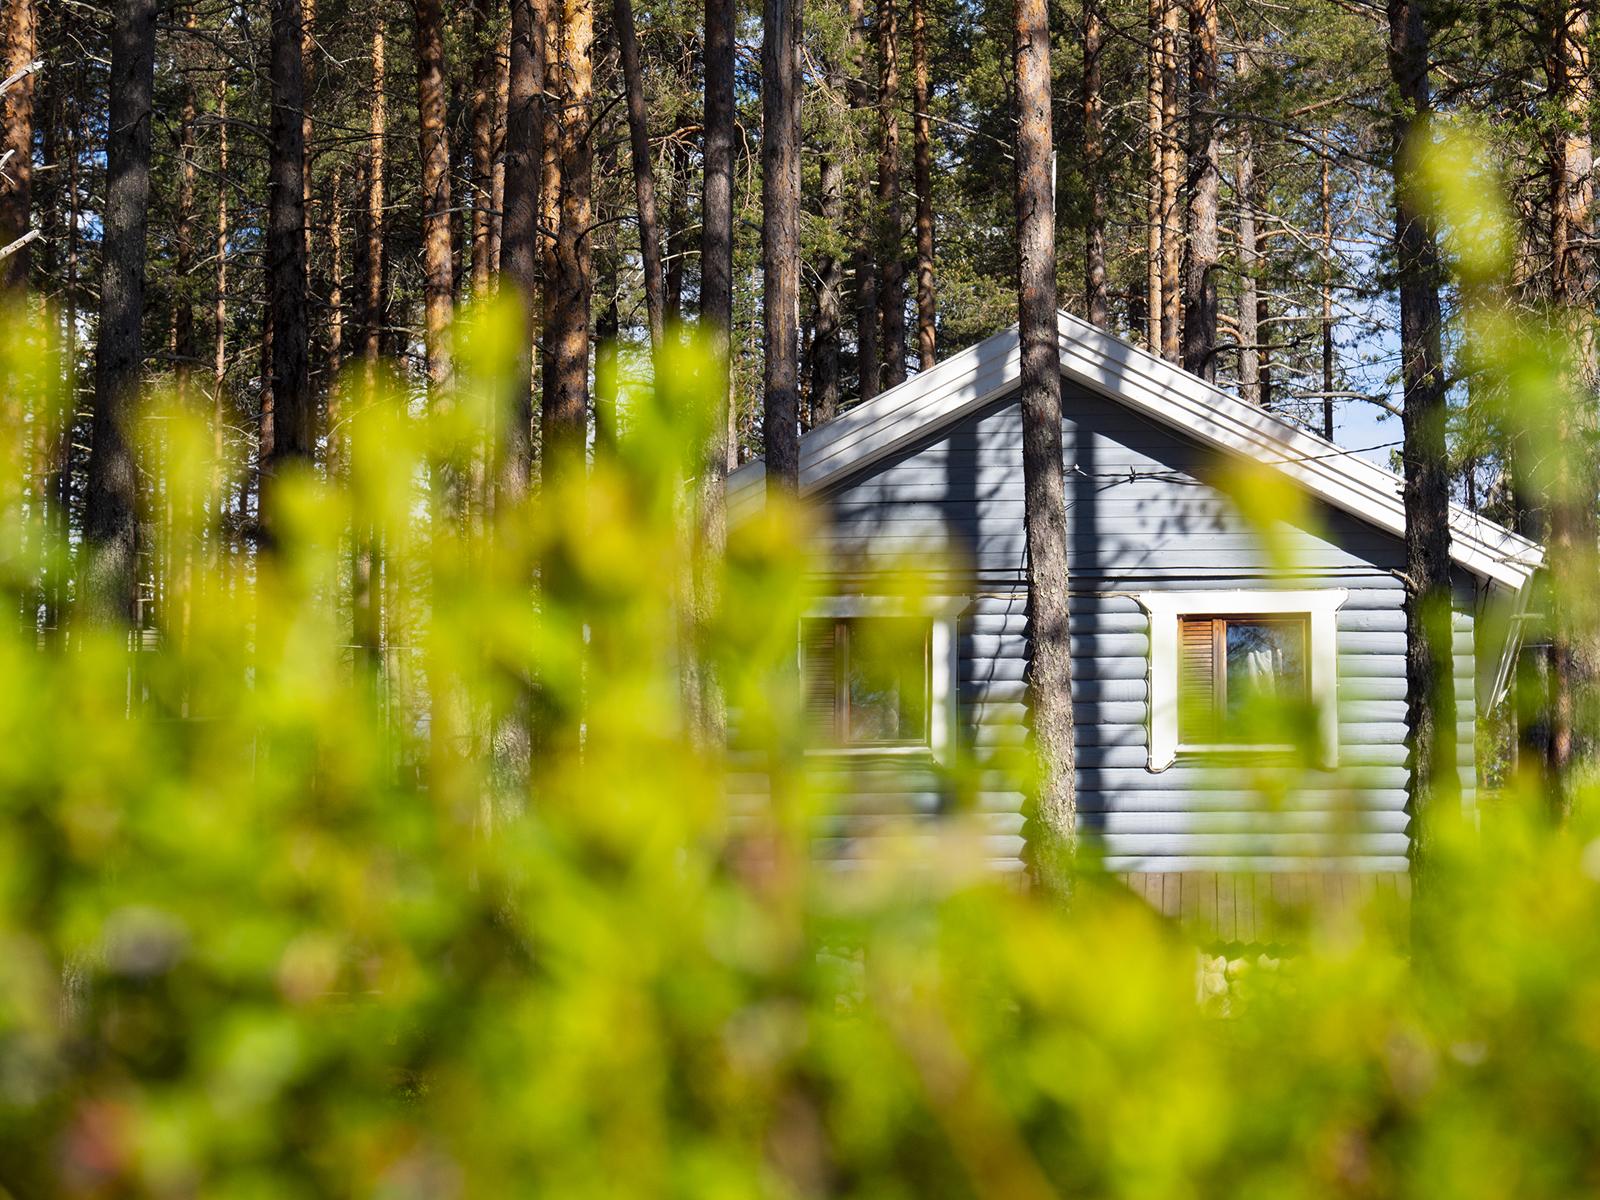 Переспать в Калевале. Кислородный туризм в северной Карелии